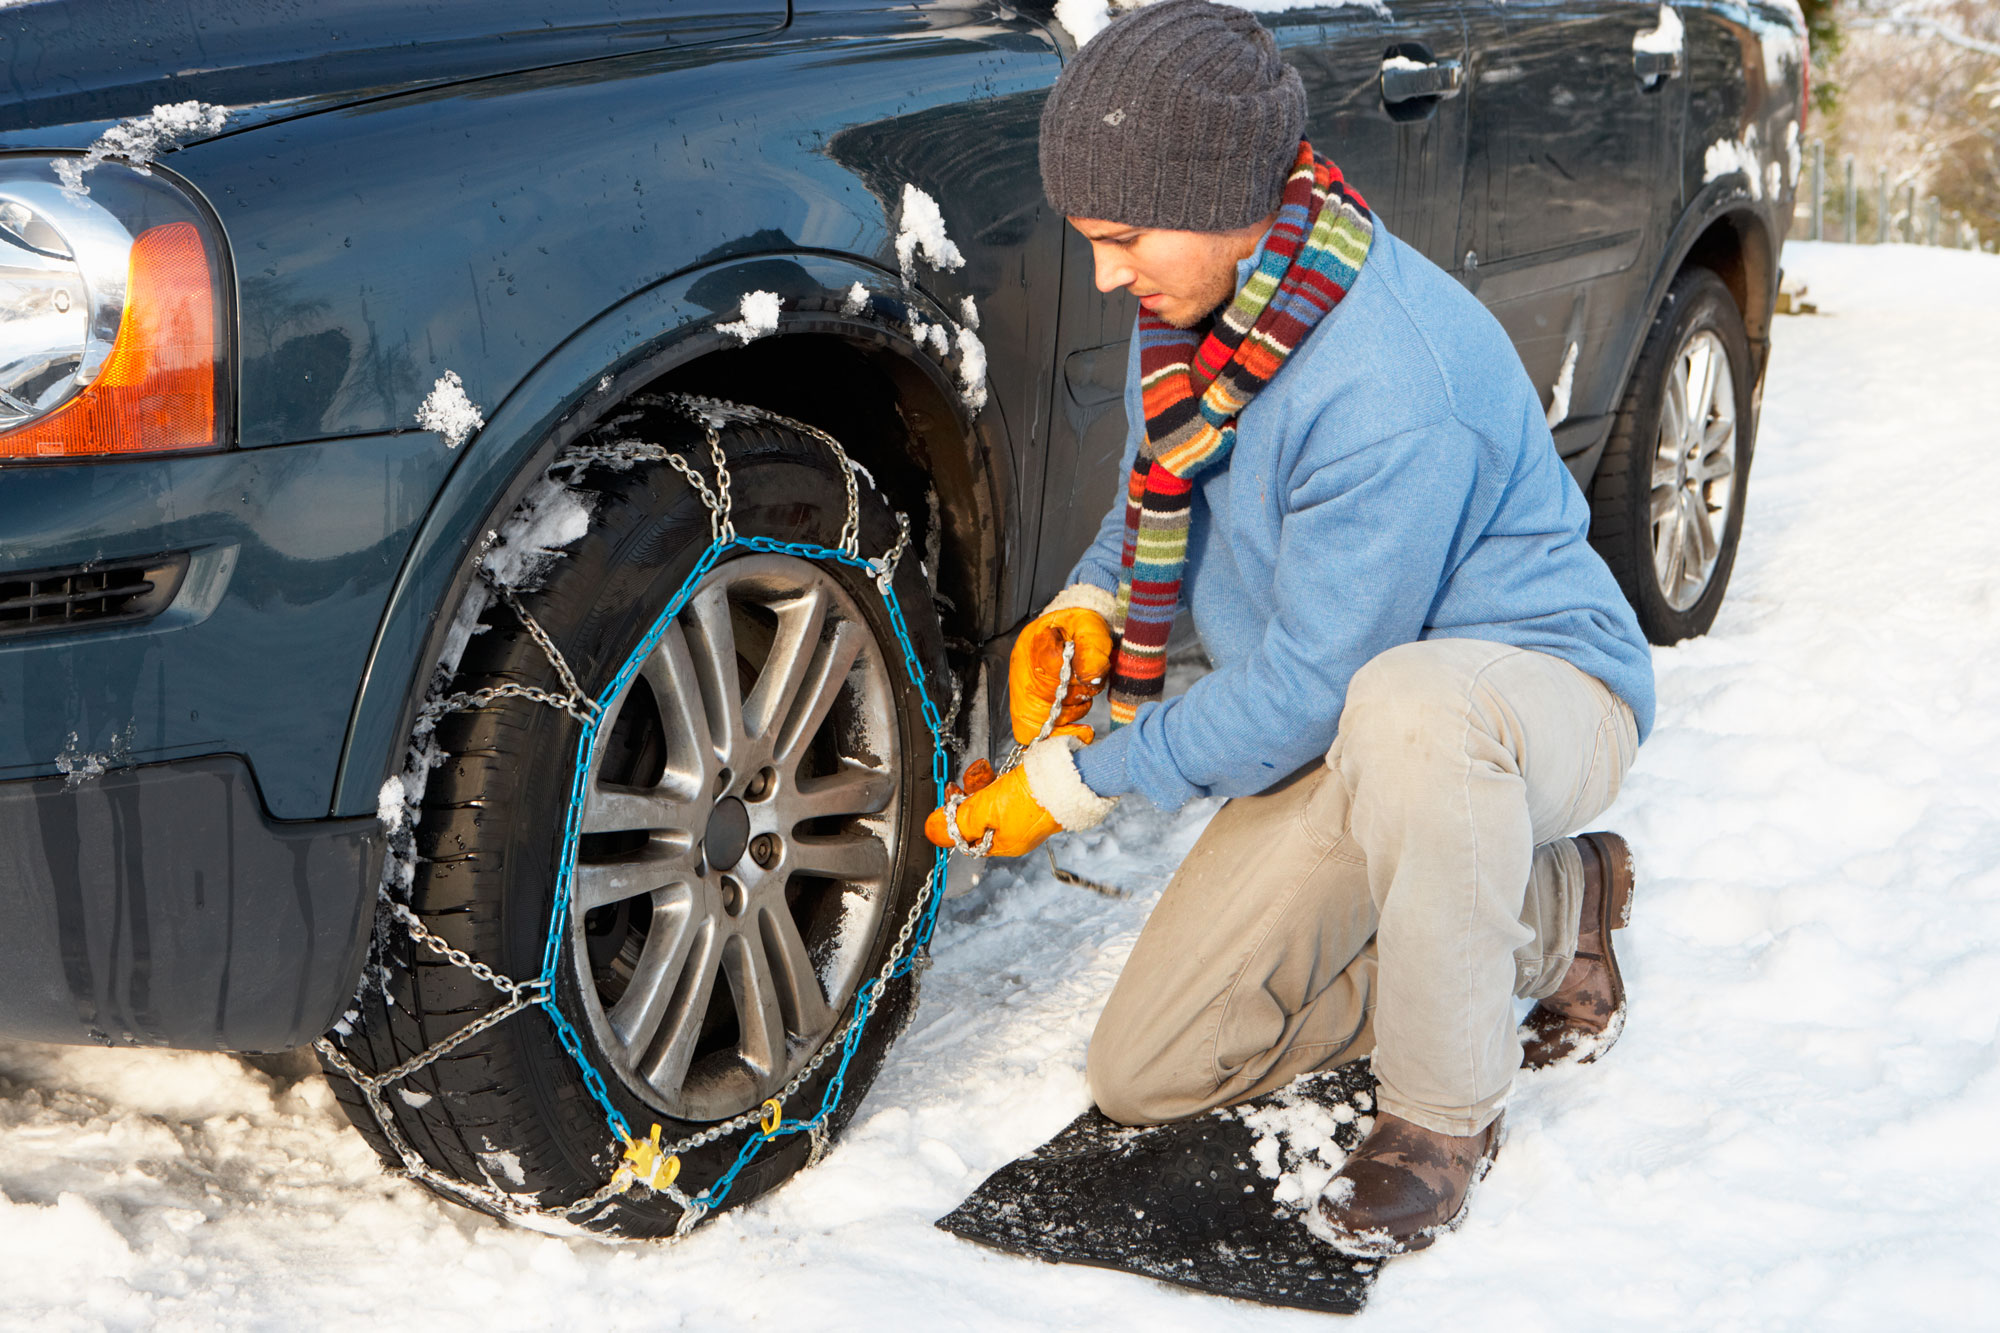 importancia-cadenas-nieve-coche